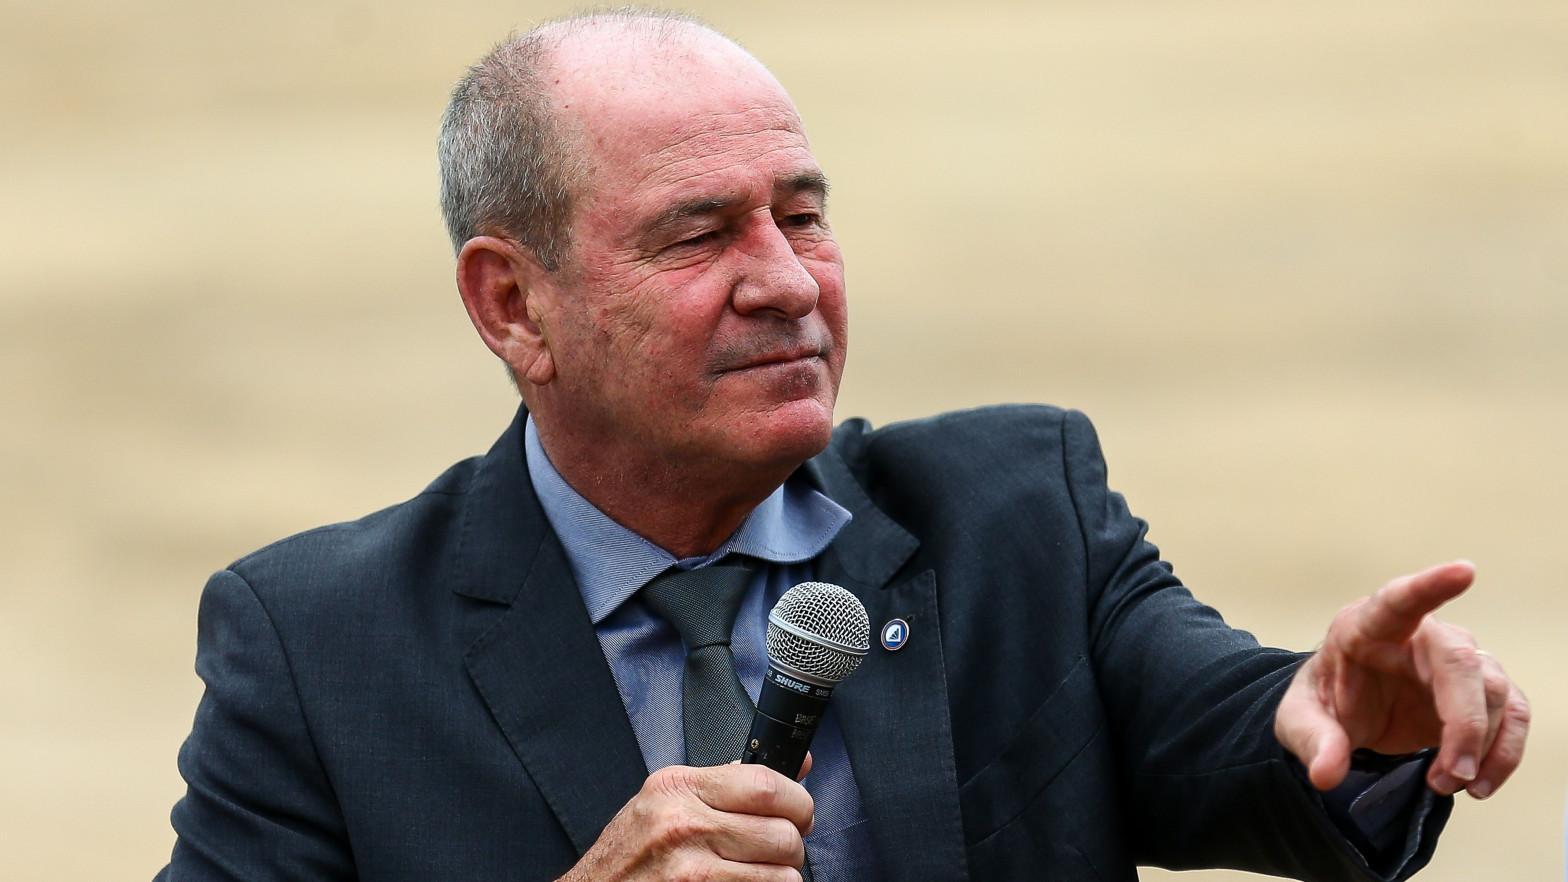 Dimite por sorpresa el ministro de Defensa de Brasil